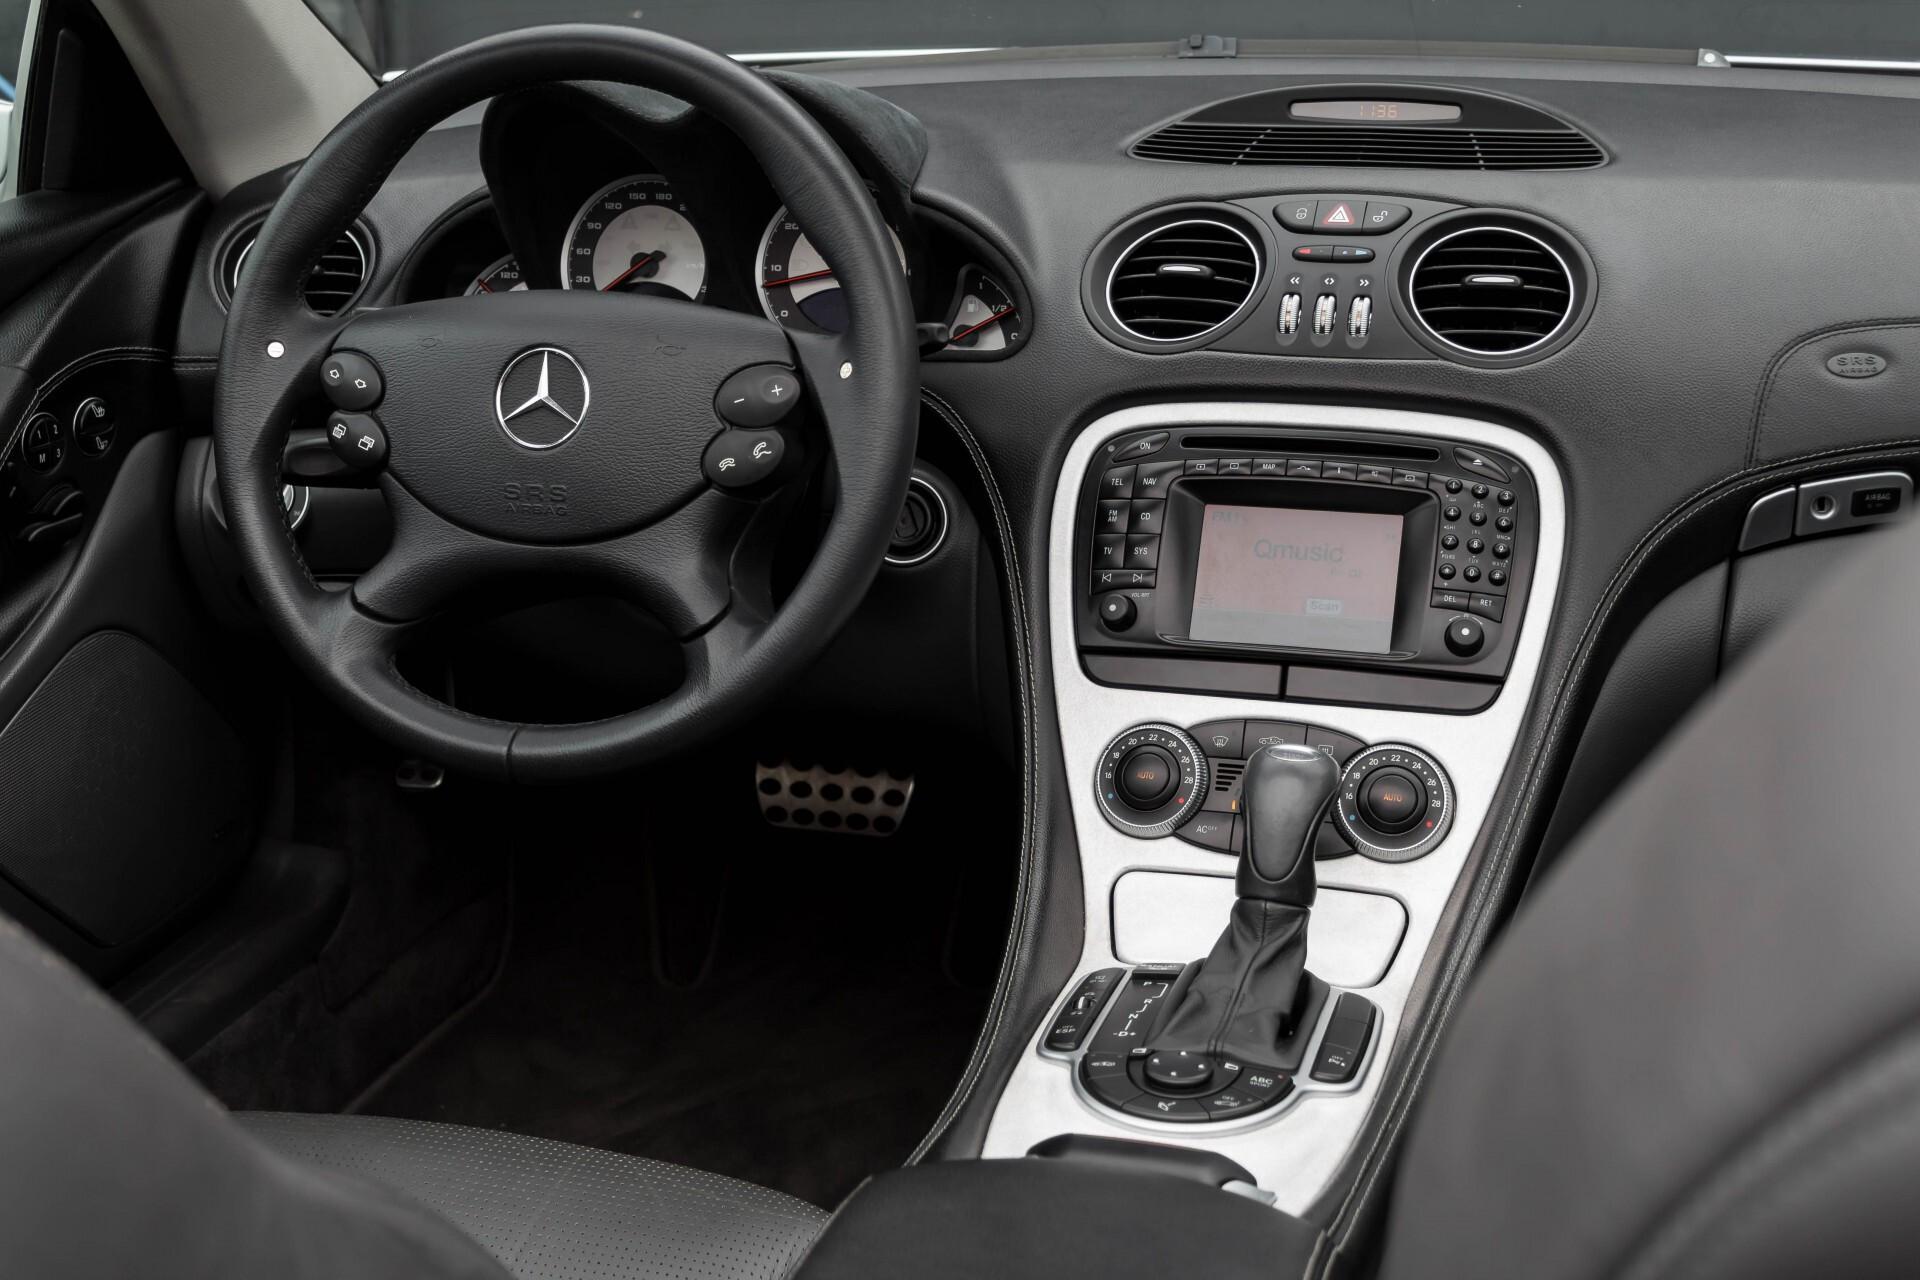 Mercedes-Benz SL-Klasse 55 AMG Aut5 in Nieuwstaat YOUNGTIMER Foto 8